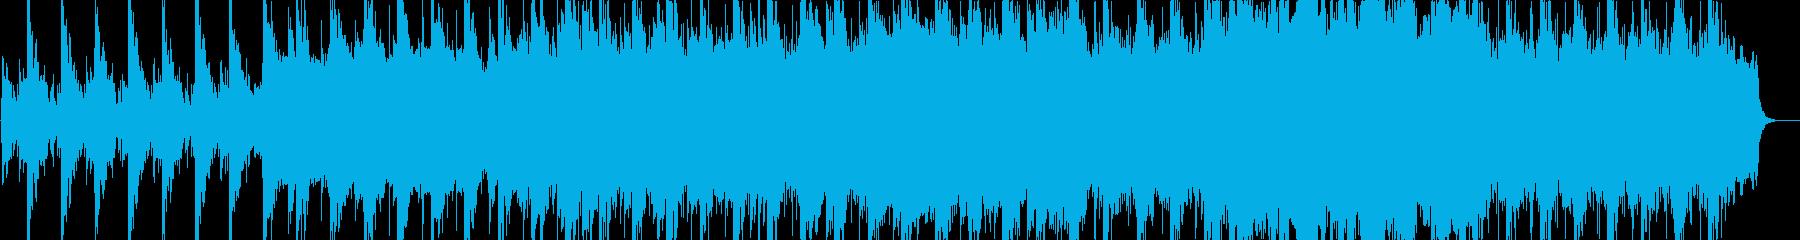 SPRING 憂いあるニューミュージックの再生済みの波形